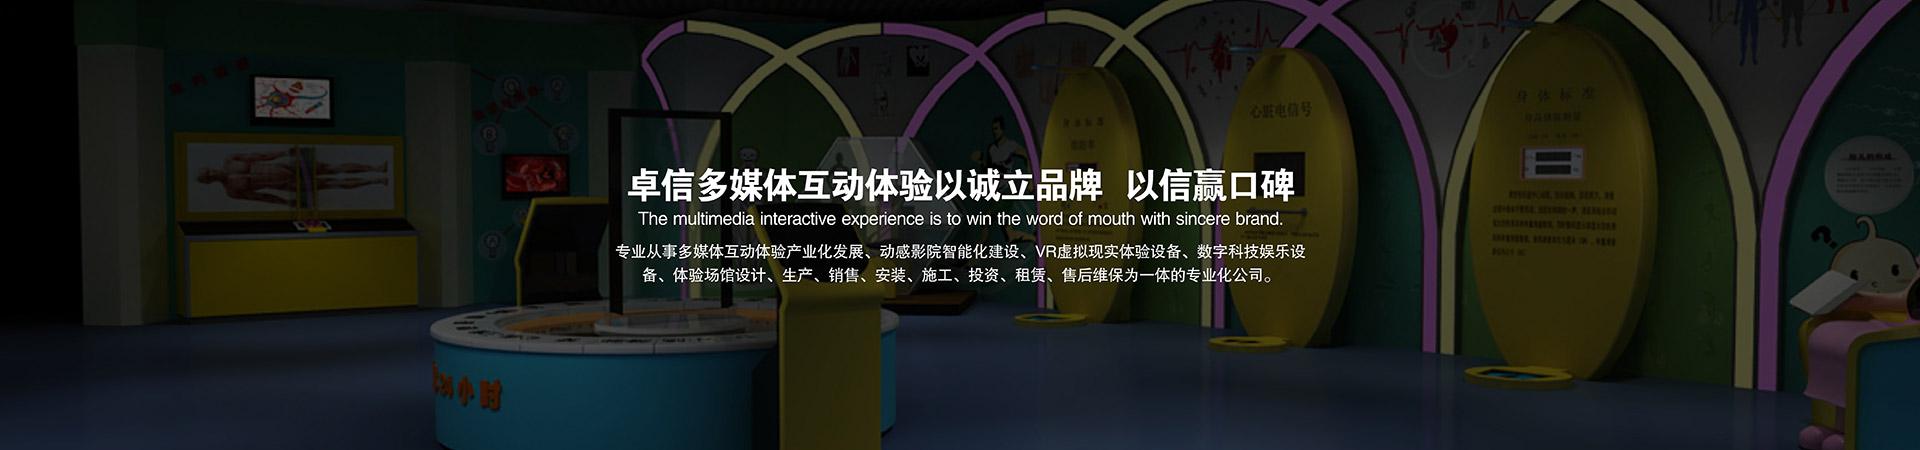 VR乐园项目定制联系我们